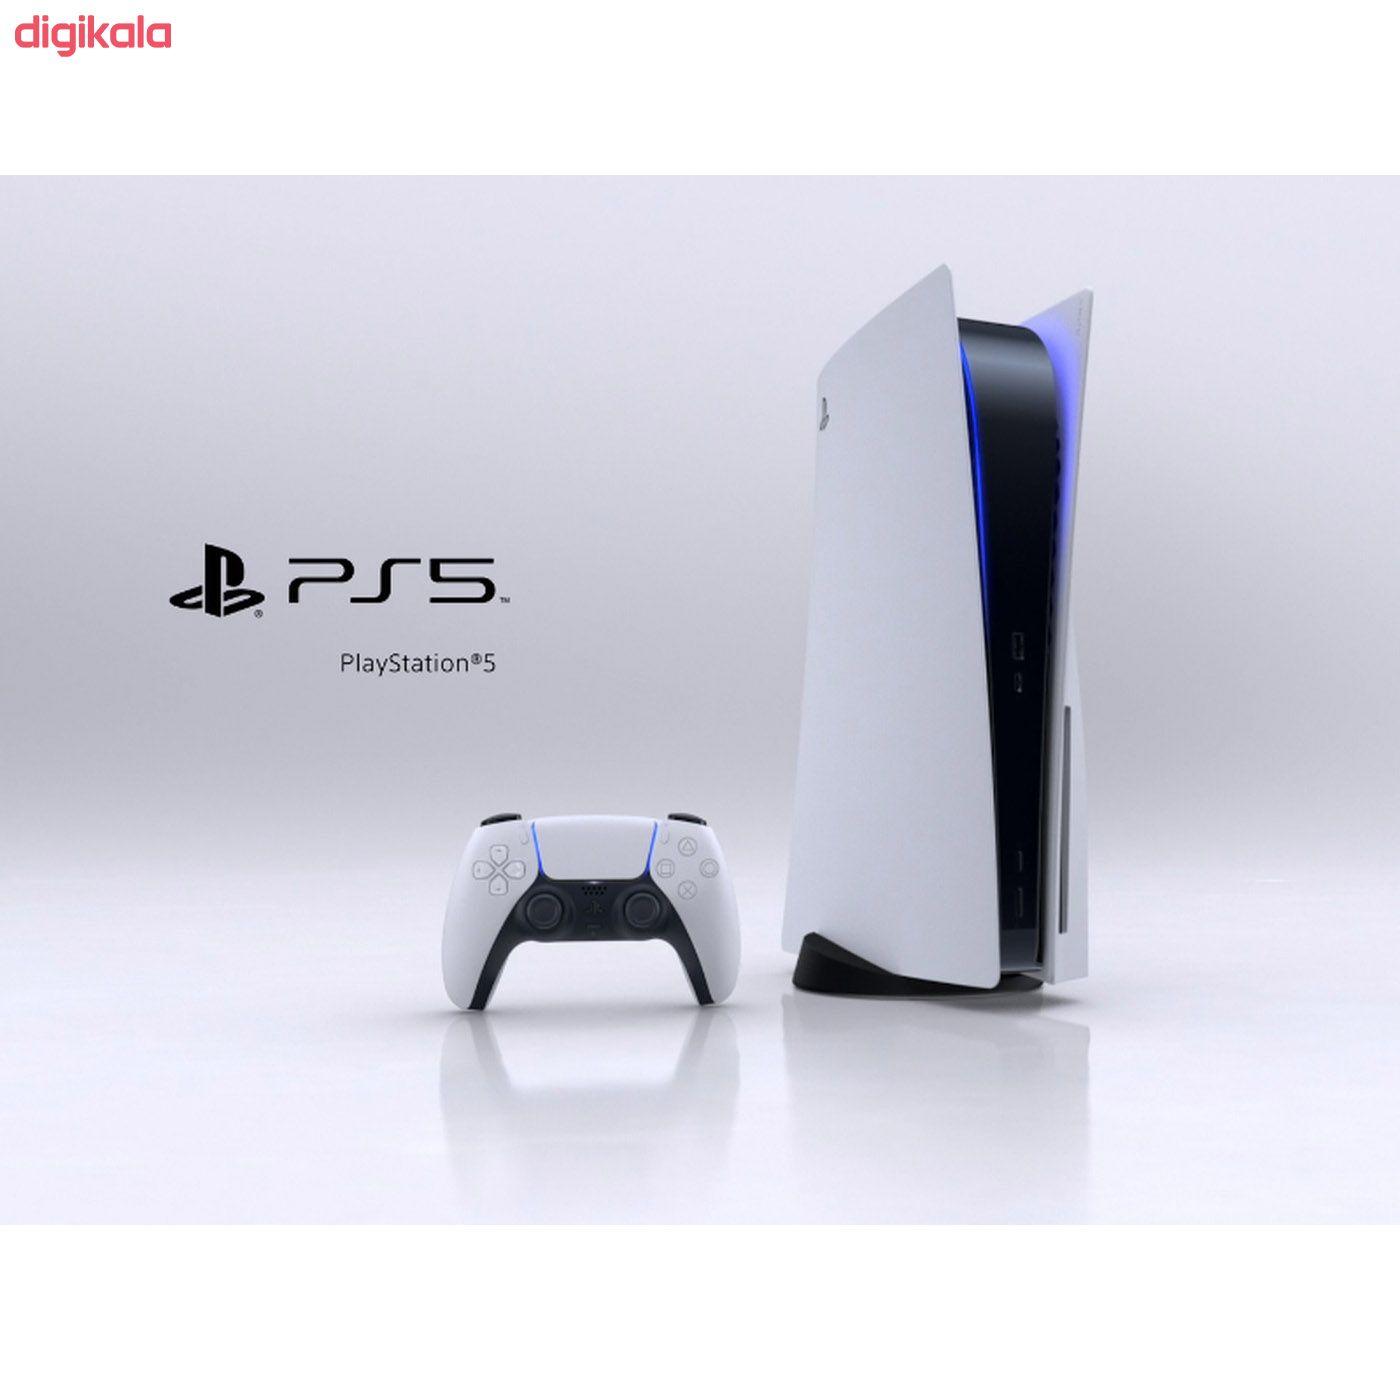 کنسول بازی سونی مدل Playstation 5 ظرفیت 825 گیگابایت main 1 4